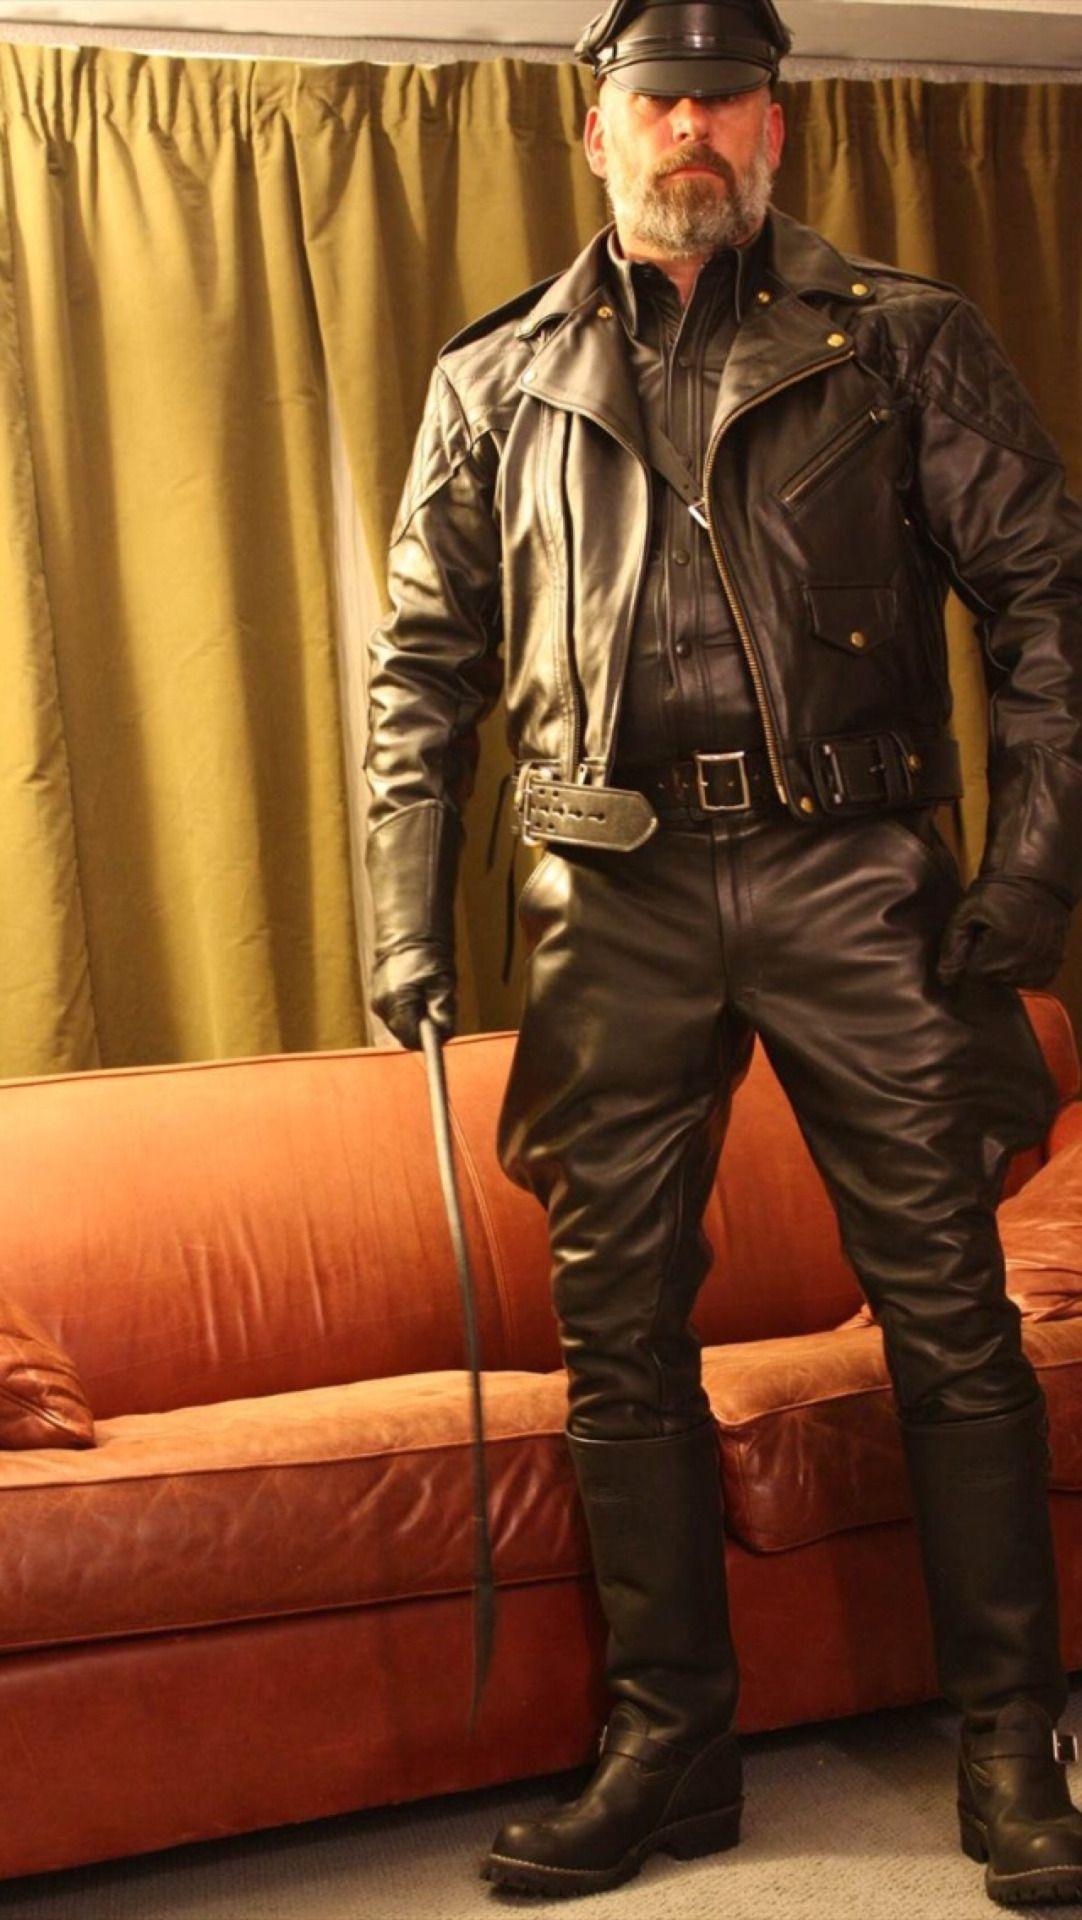 Black leather uniform gloves - Leather Leather Uniform Men